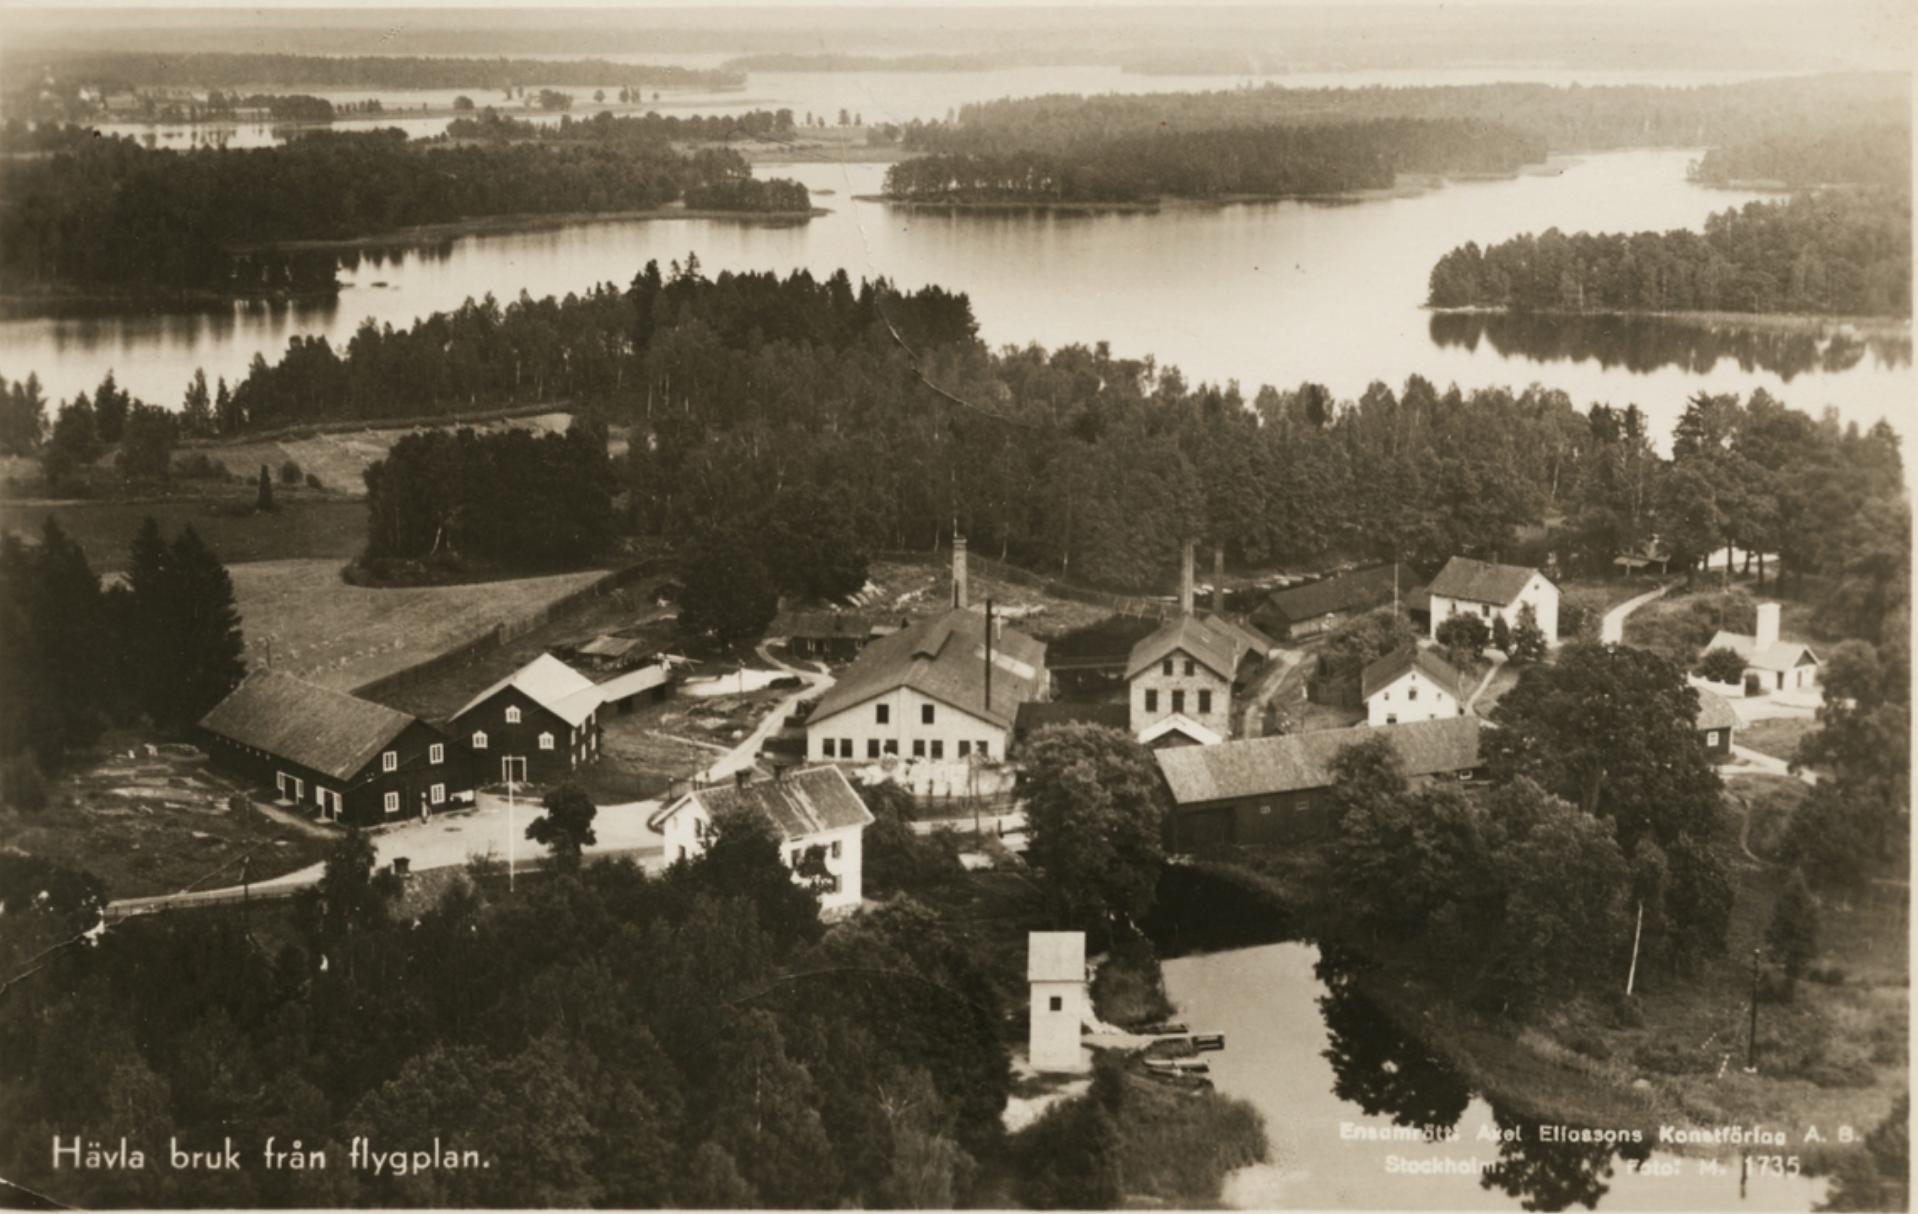 Hävla bruk i norra Östergötland